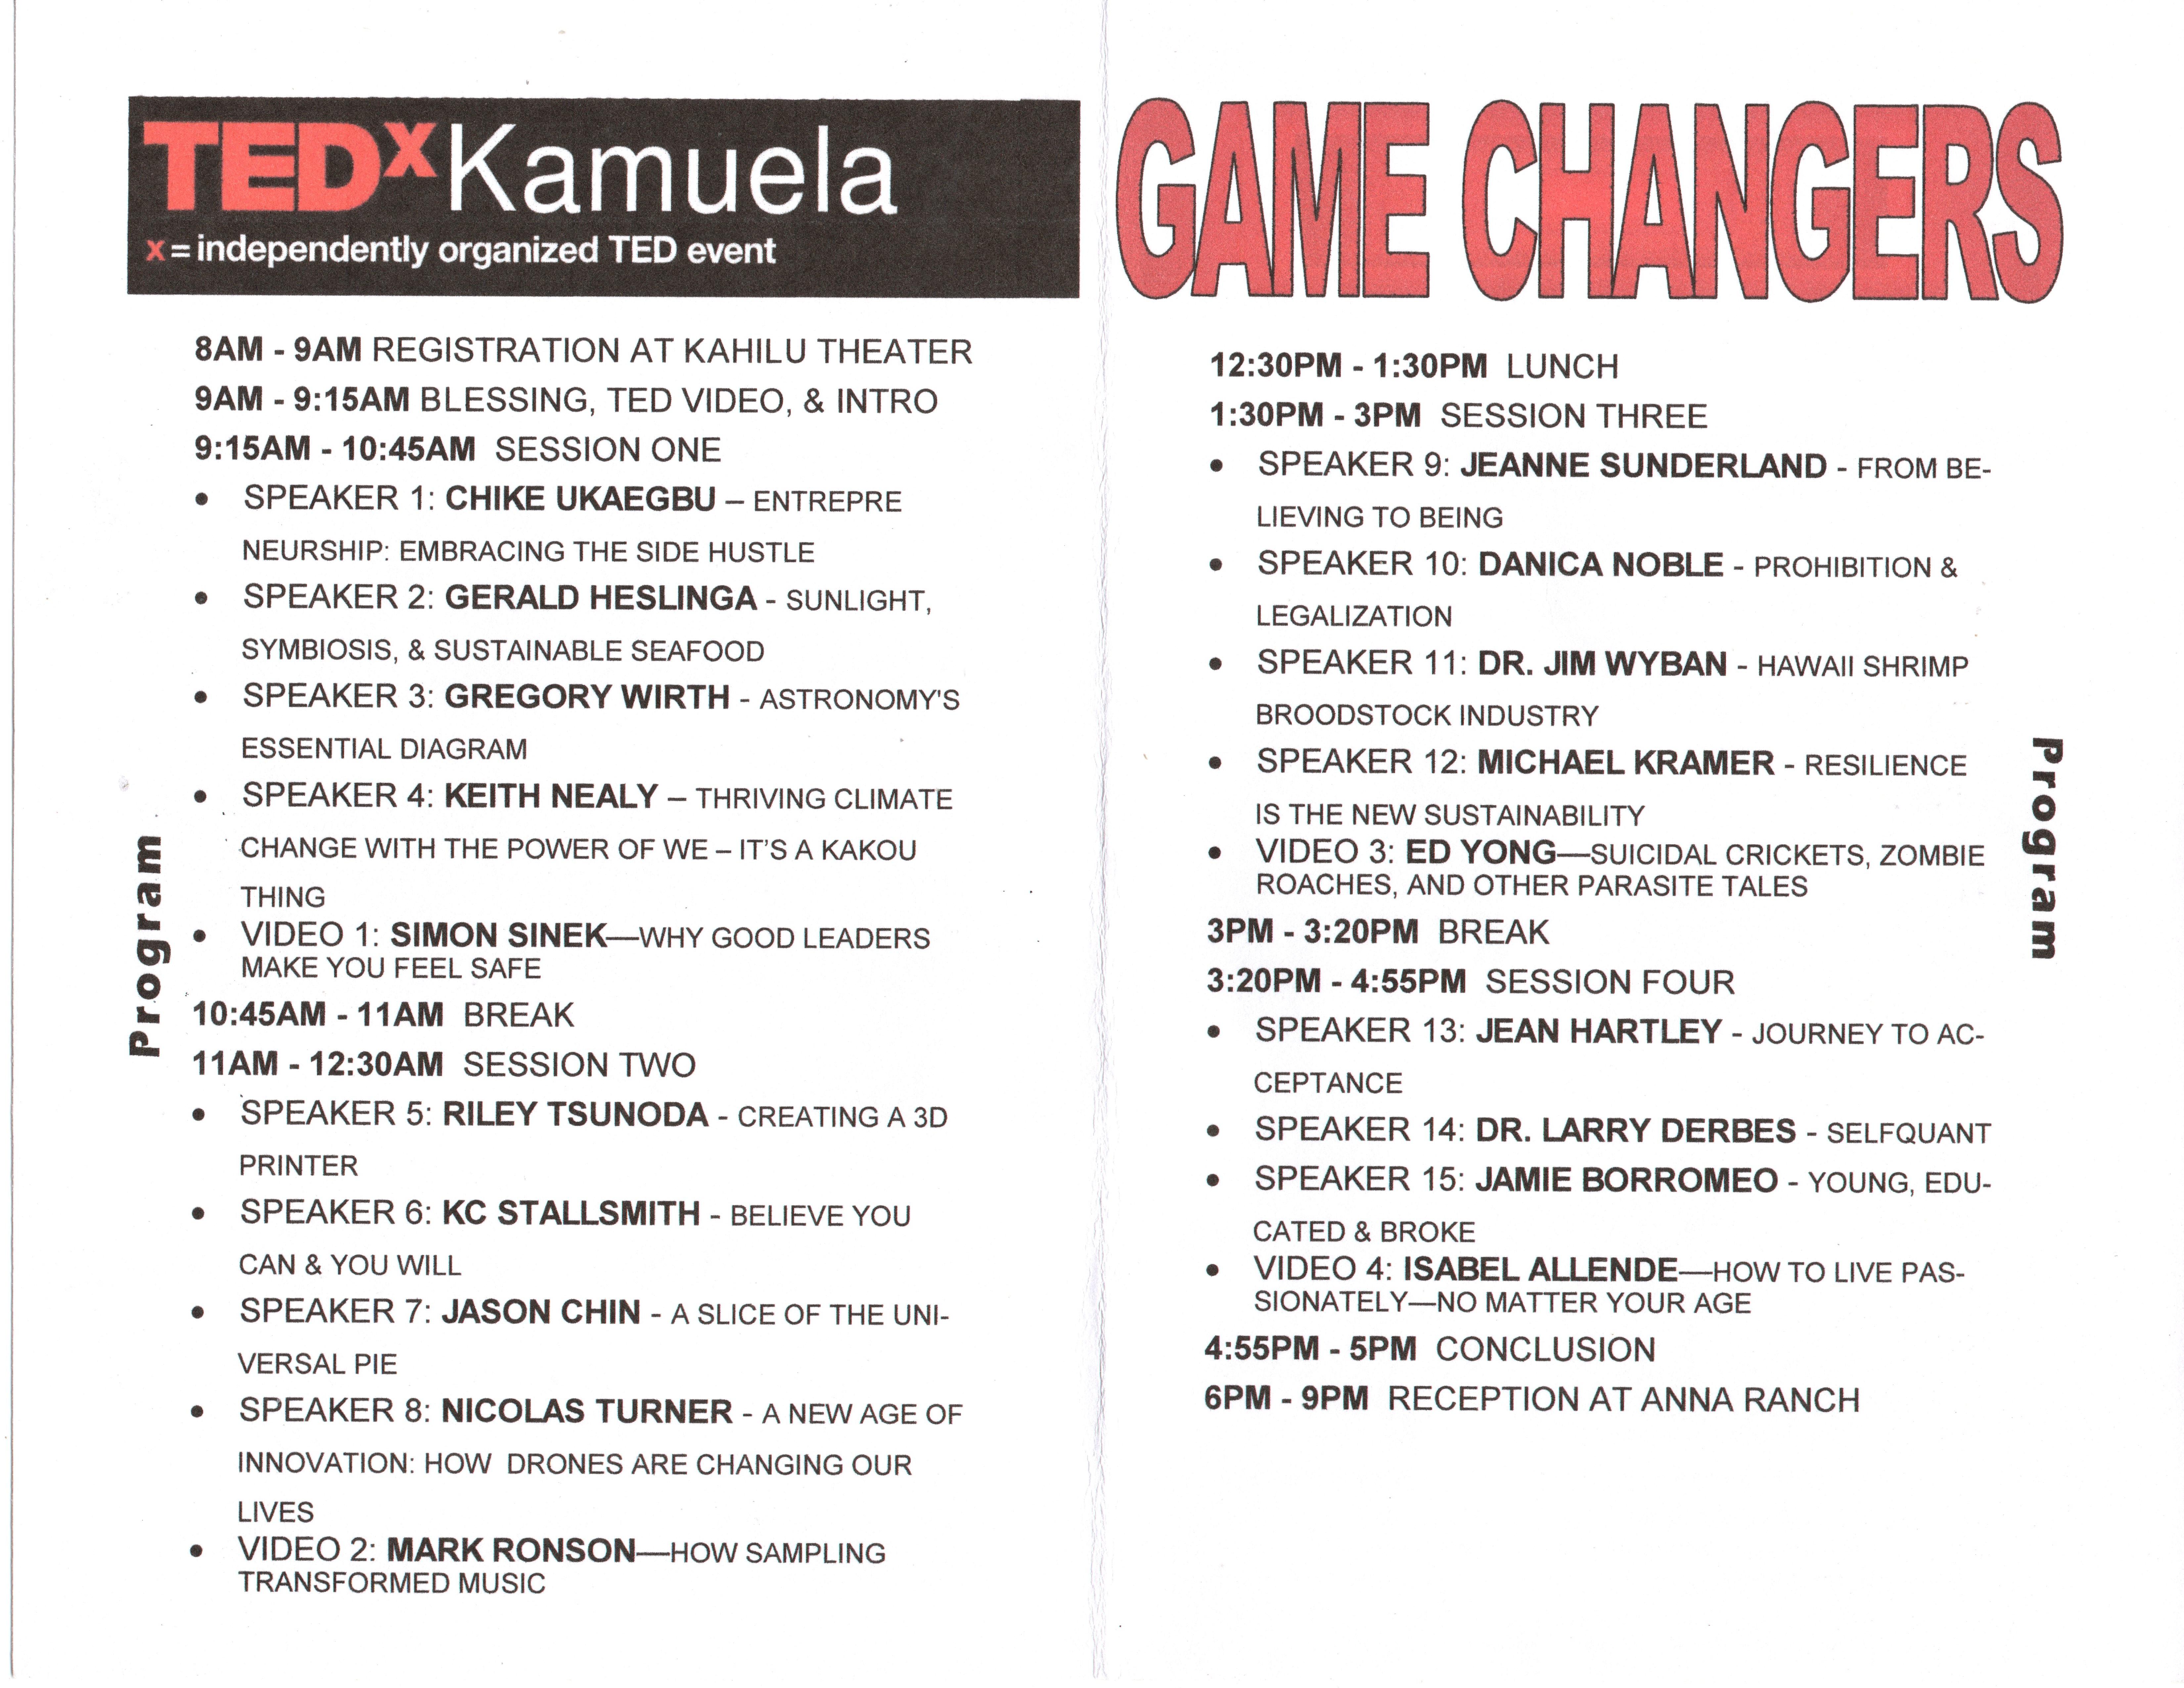 TedX Kamuela 2014 schedule